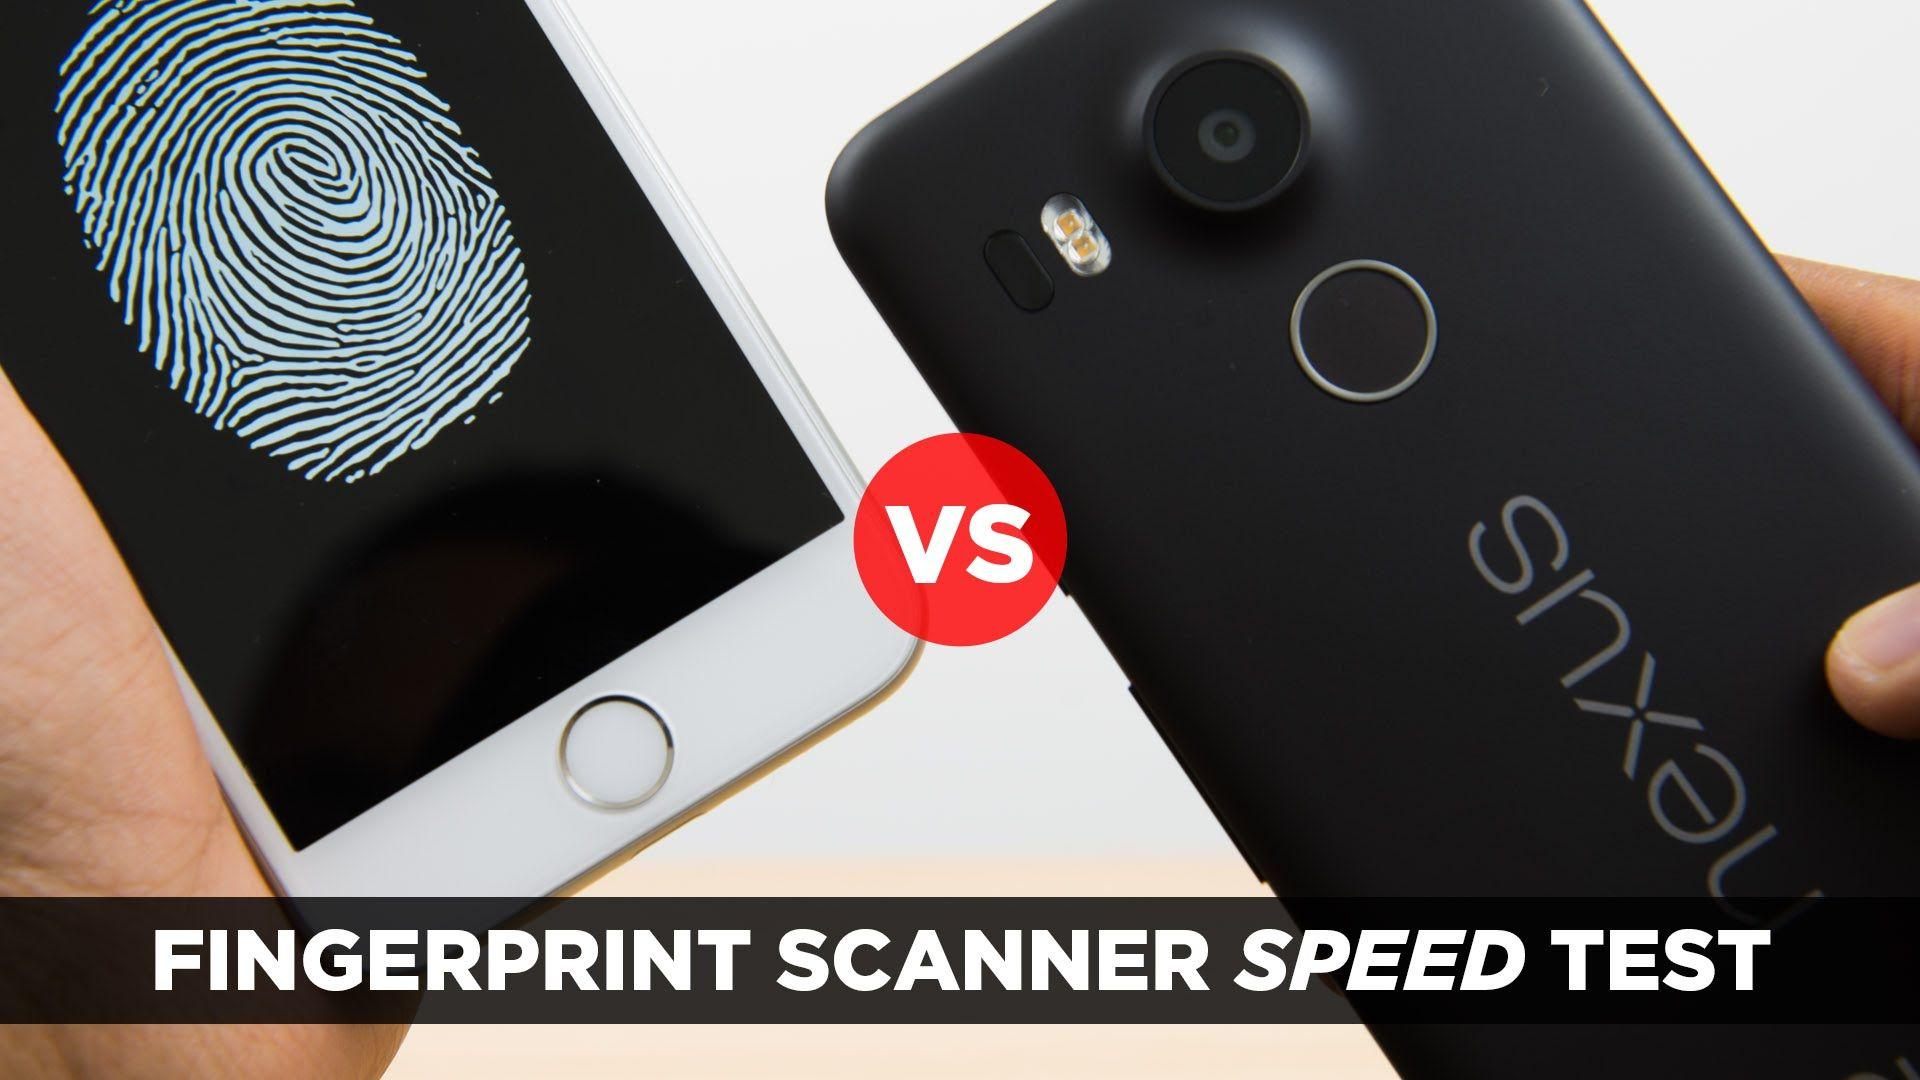 Nexus 5X vs iPhone 6s - Fingerprint Scanner Speed Test